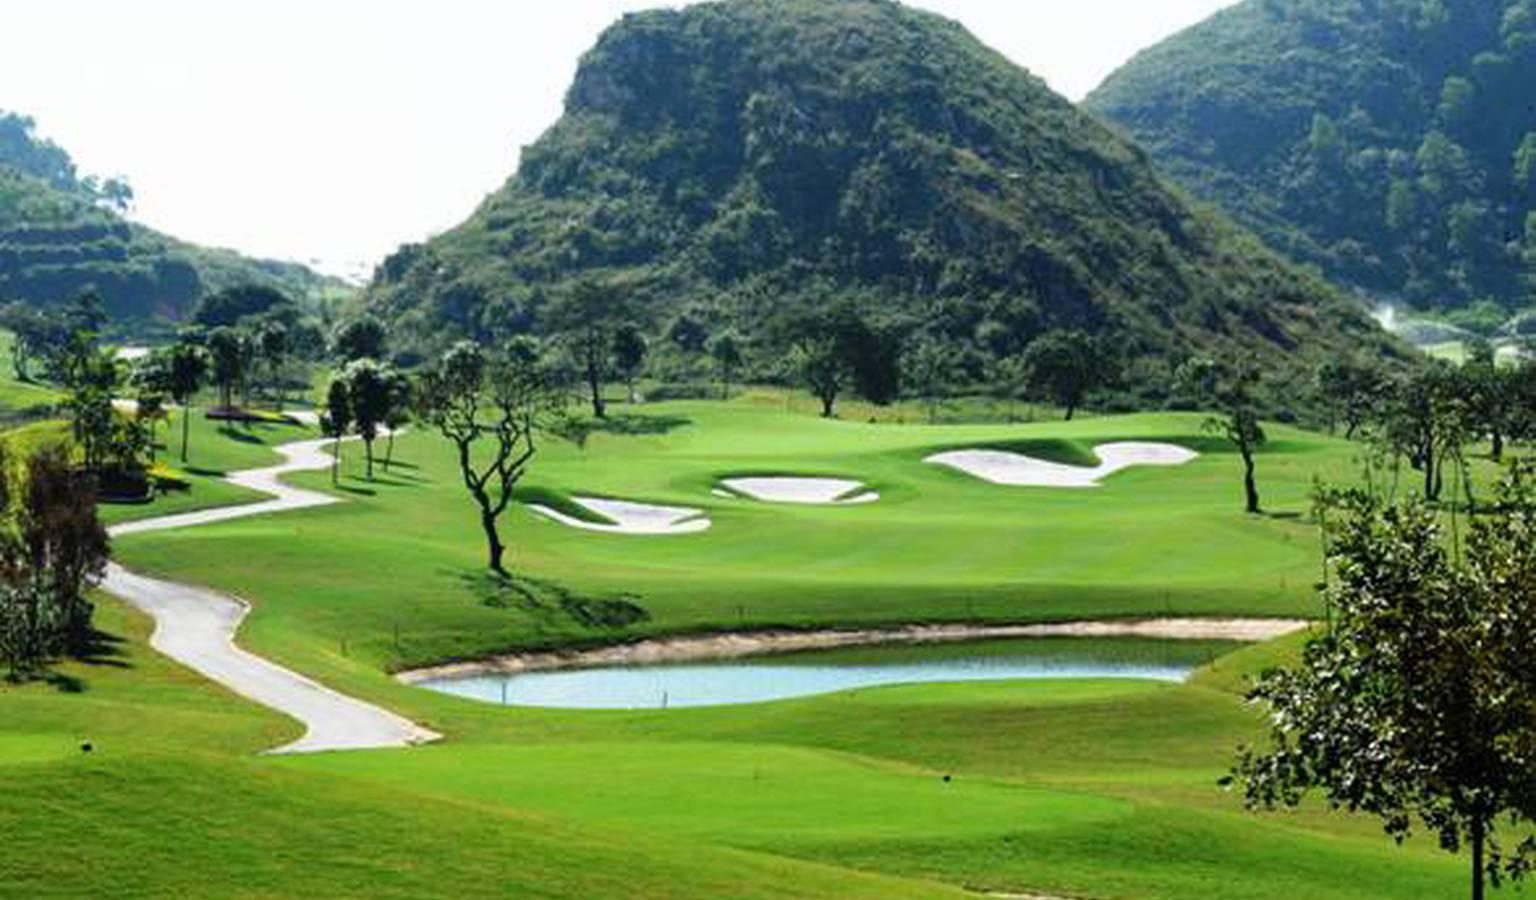 Thông tin chi tiết về sân golf hoàng gia Ninh Bình